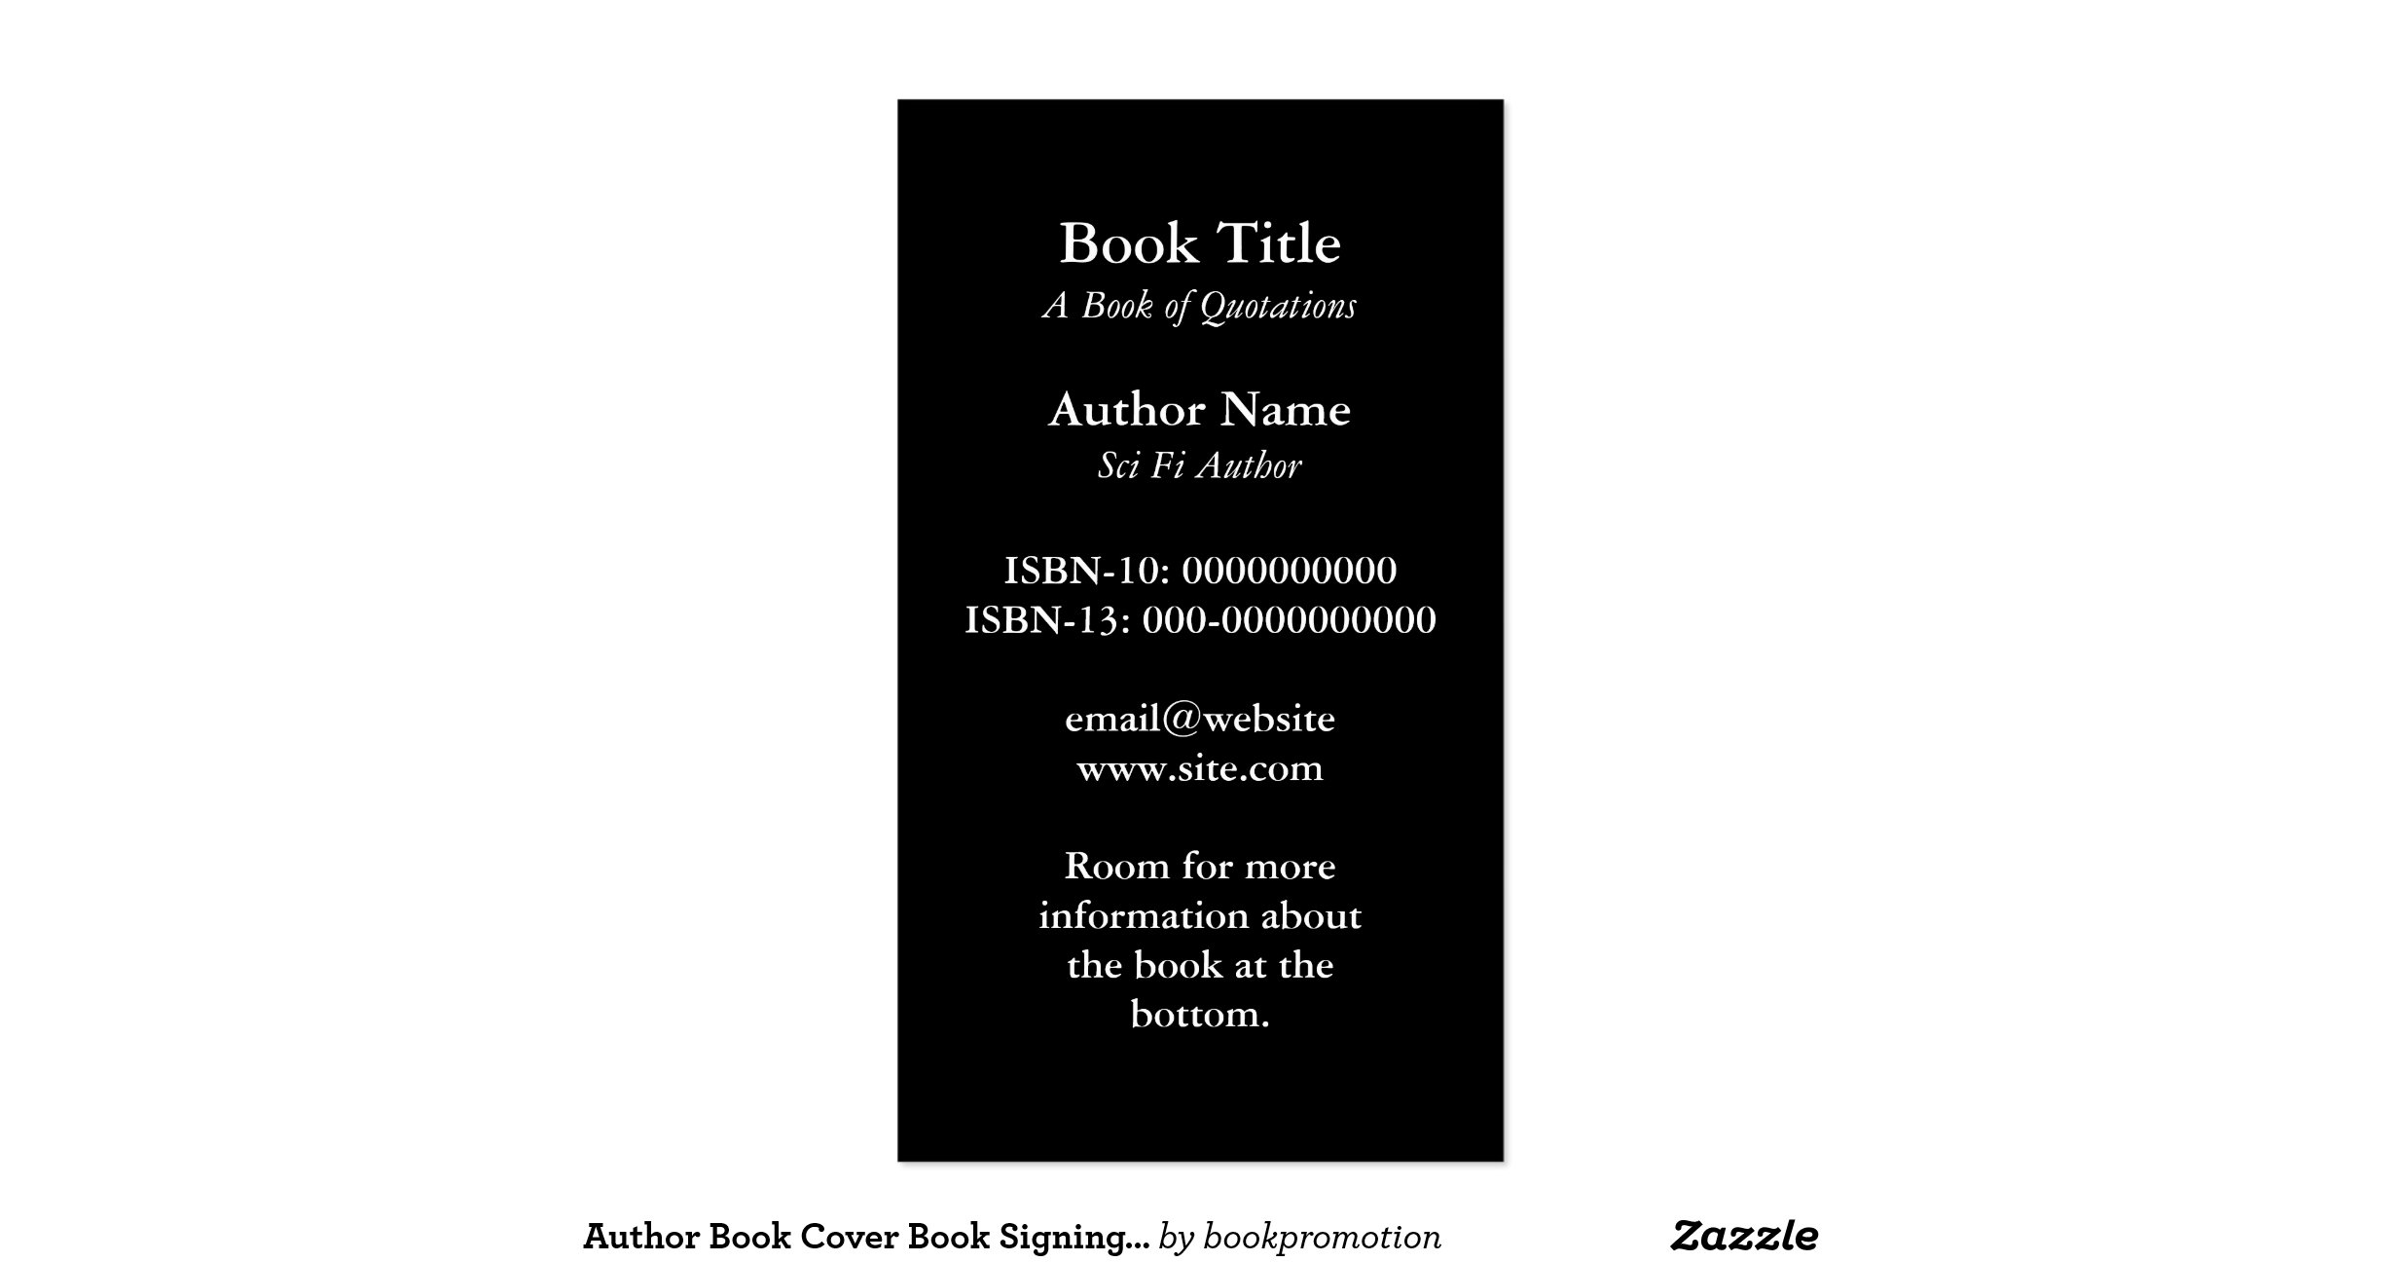 Book Cover Business Cards : Book cover business card r b ff afbc d dda